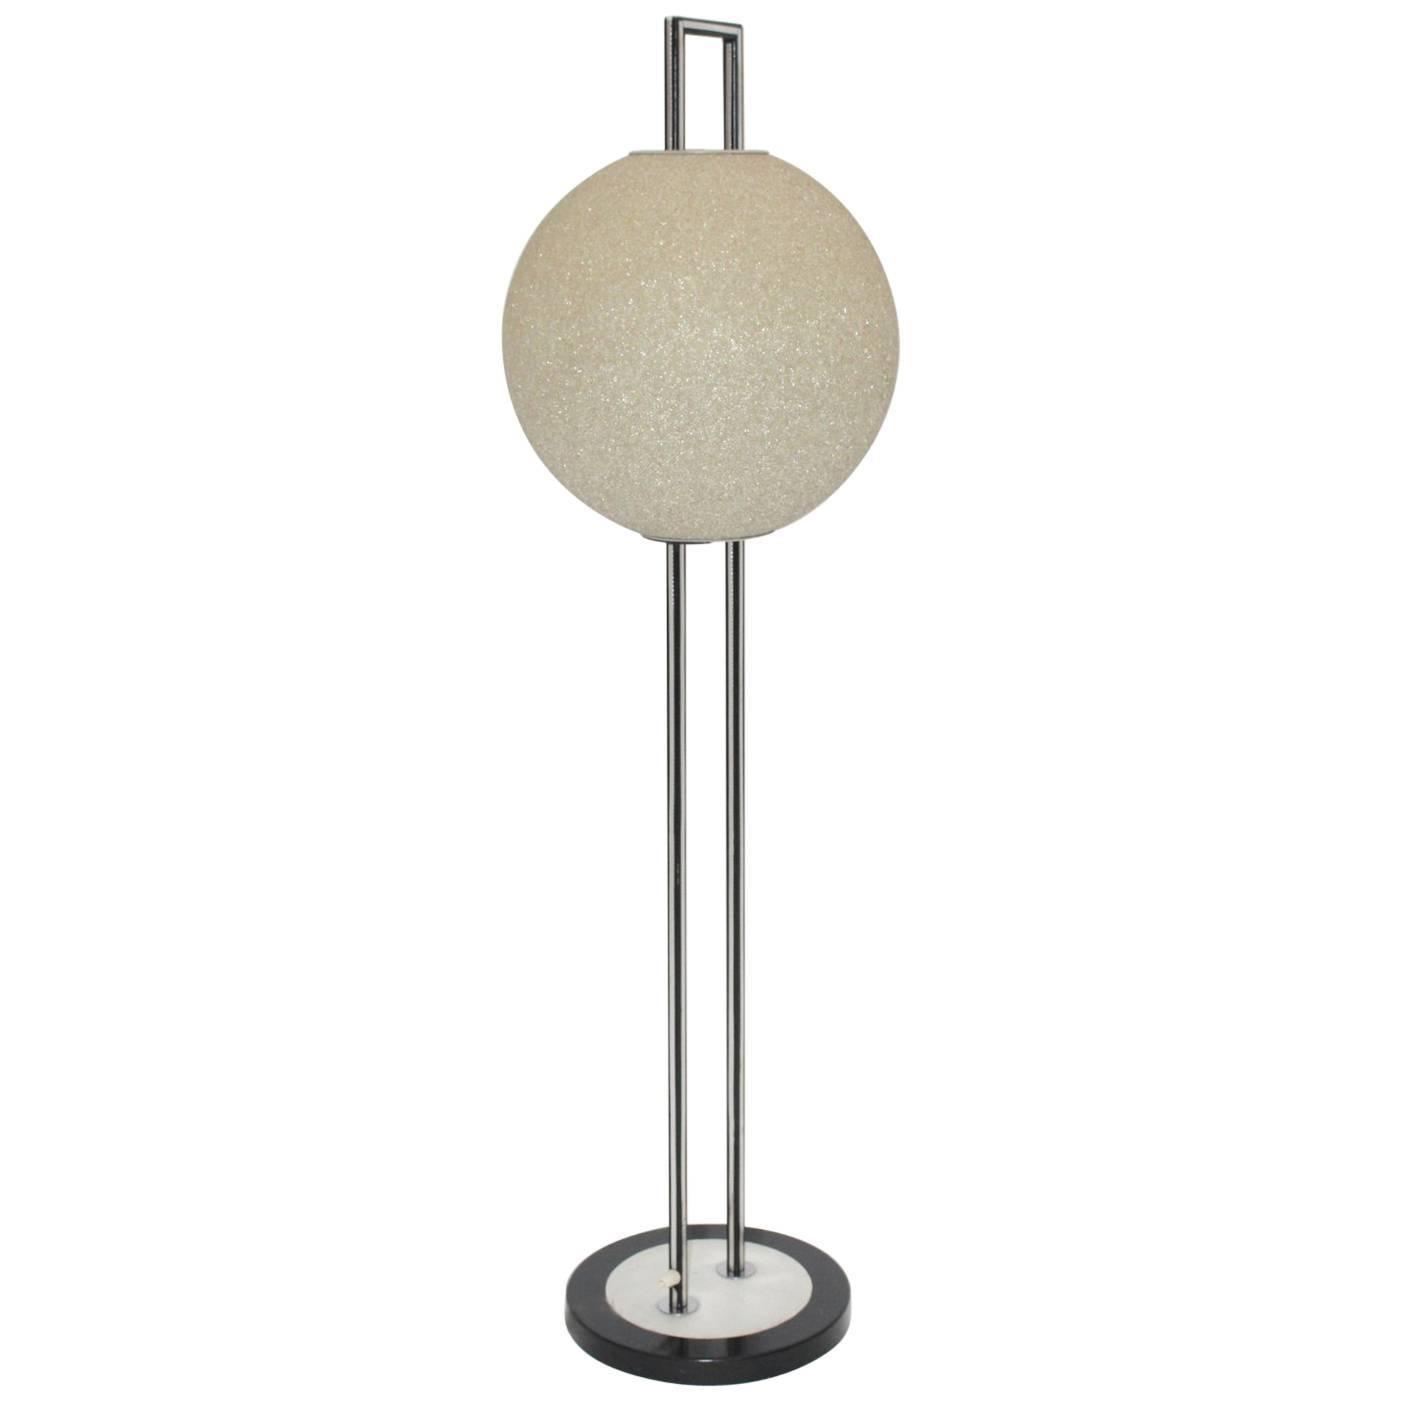 Space Age Metal Plastic Vintage Floor Lamp, 1960s